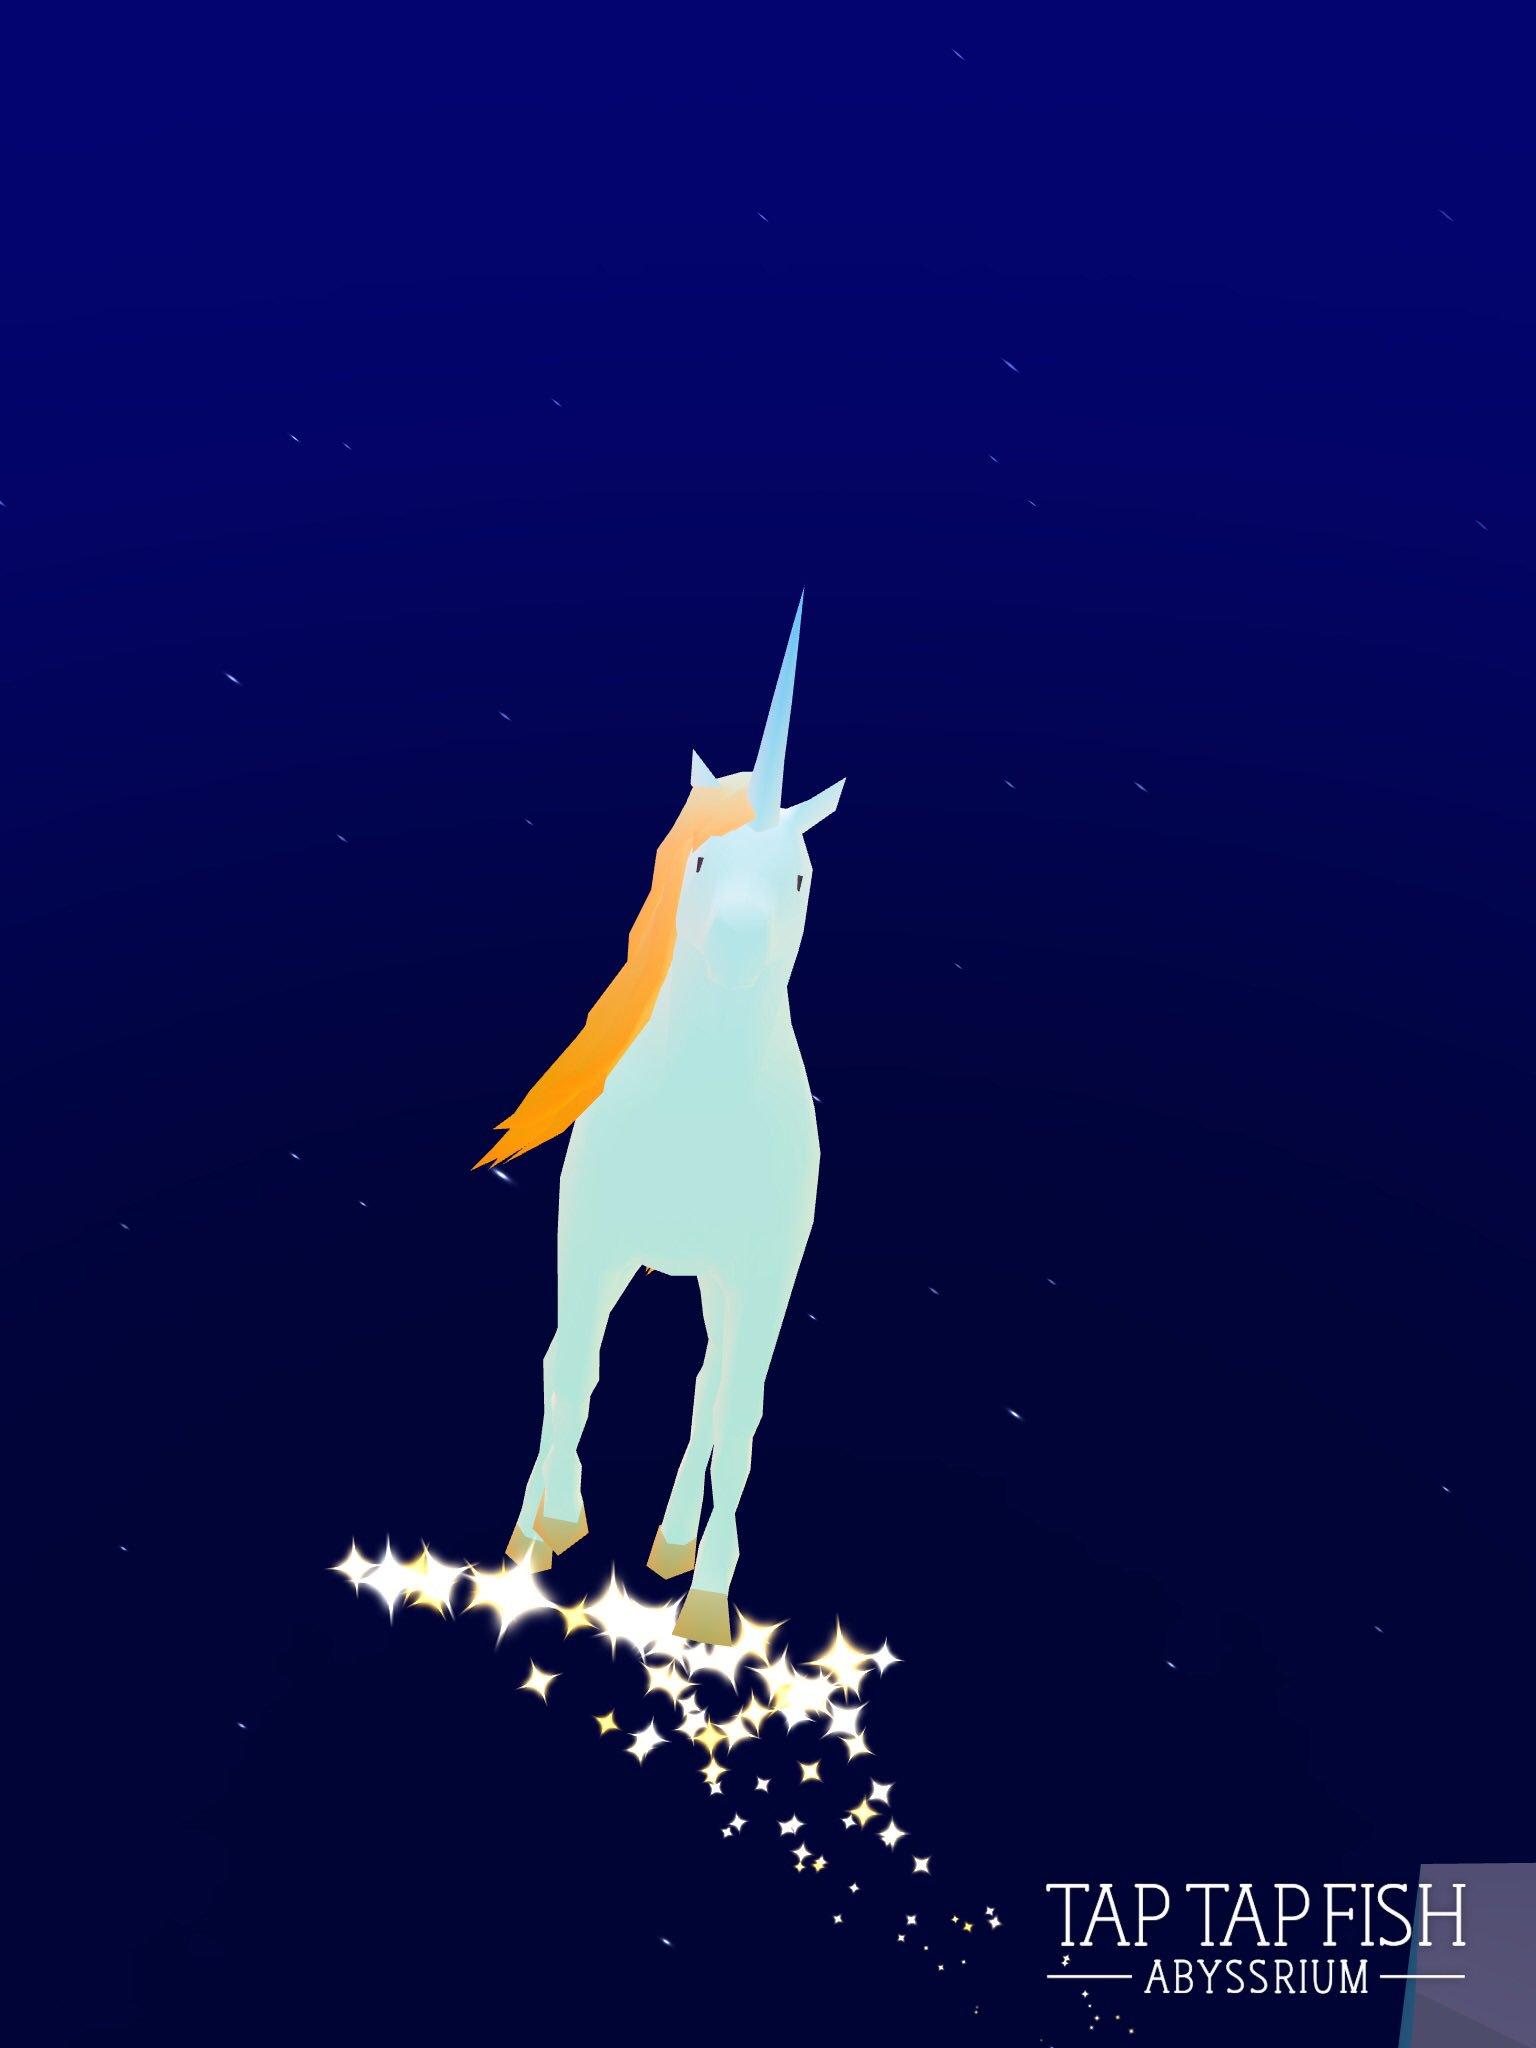 My Fall night unicorn:)  #taptapfish Download: https://t.co/jKNmJ7eMxr https://t.co/bp2Ek9jVRv